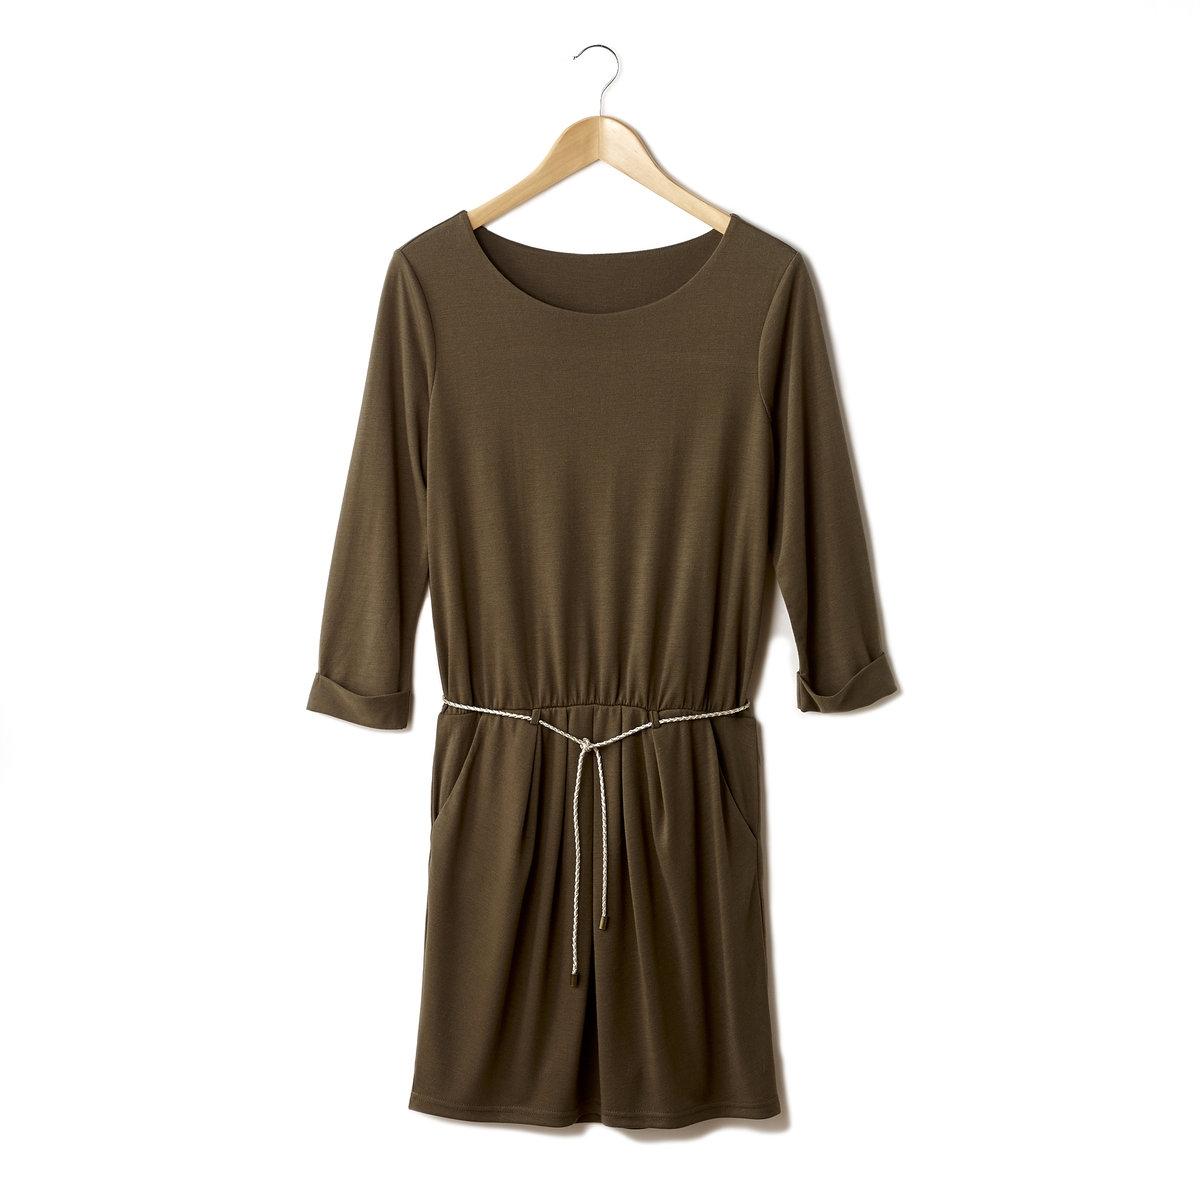 Платье с плетеным поясомПлатье VILA. 65% полиэстерa, 35 % вискозы. Рукава 3/4. Плетеный пояс. Длина ок. 93 см.<br><br>Цвет: хаки<br>Размер: L